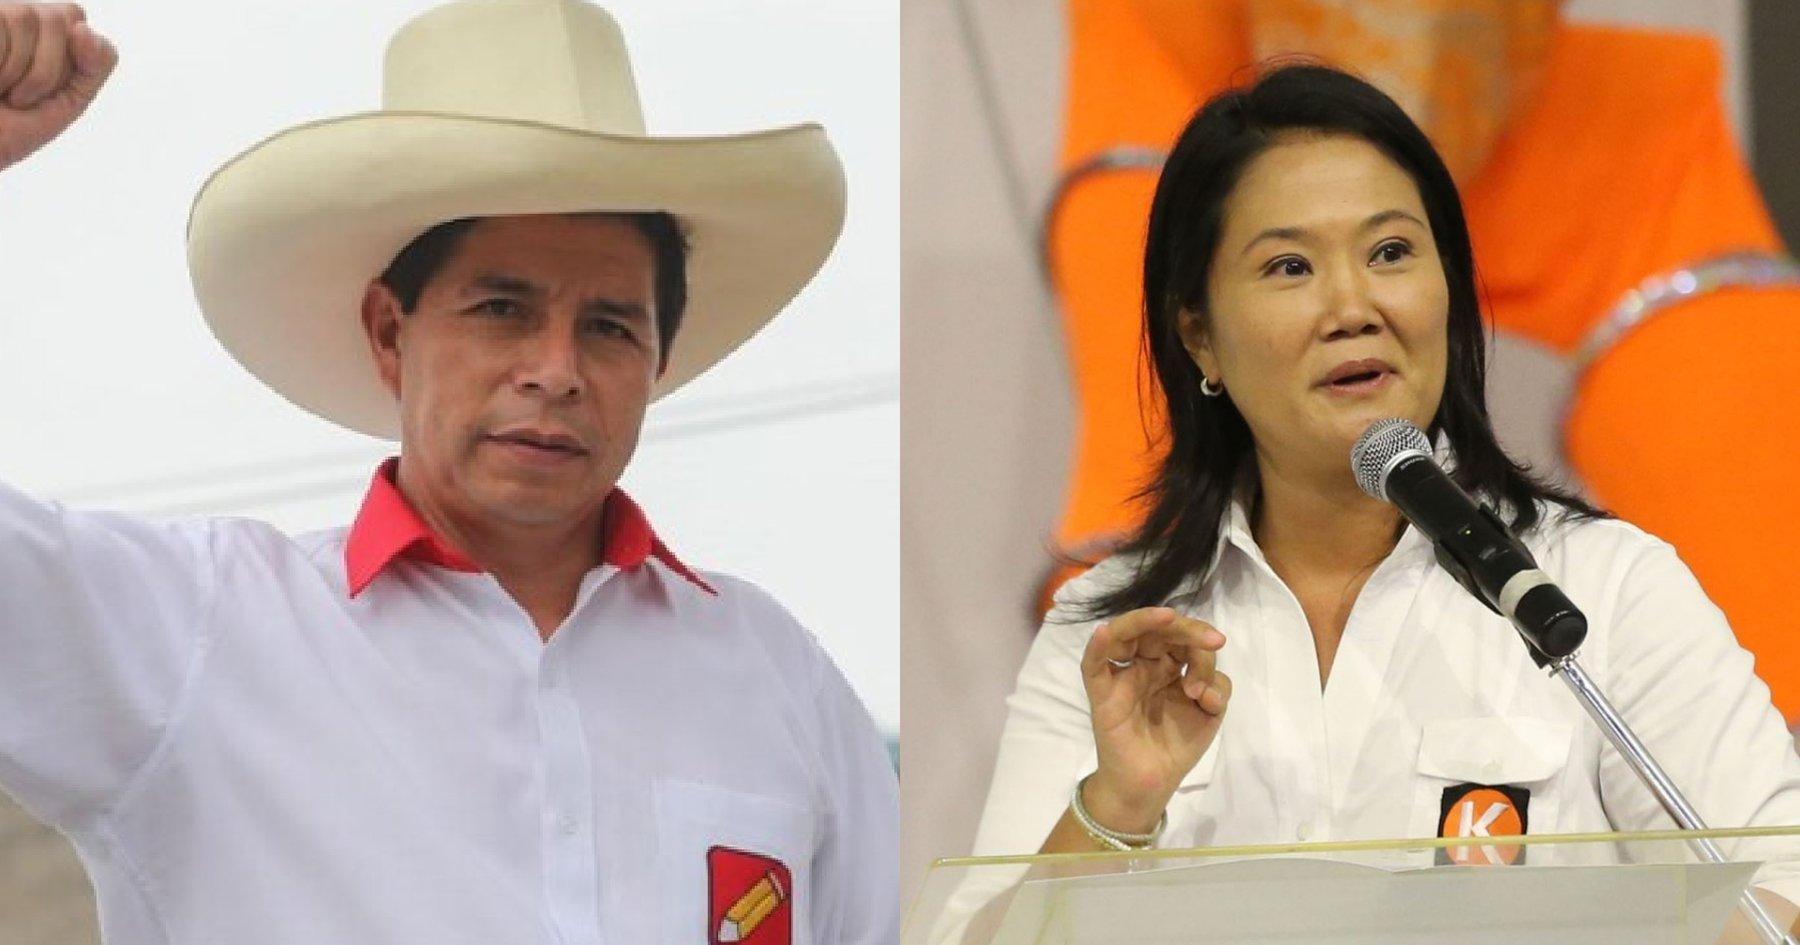 Segunda vuelta: Fujimori y Castillo pelearán la presidencia de un país  colapsado - Salud con lupa